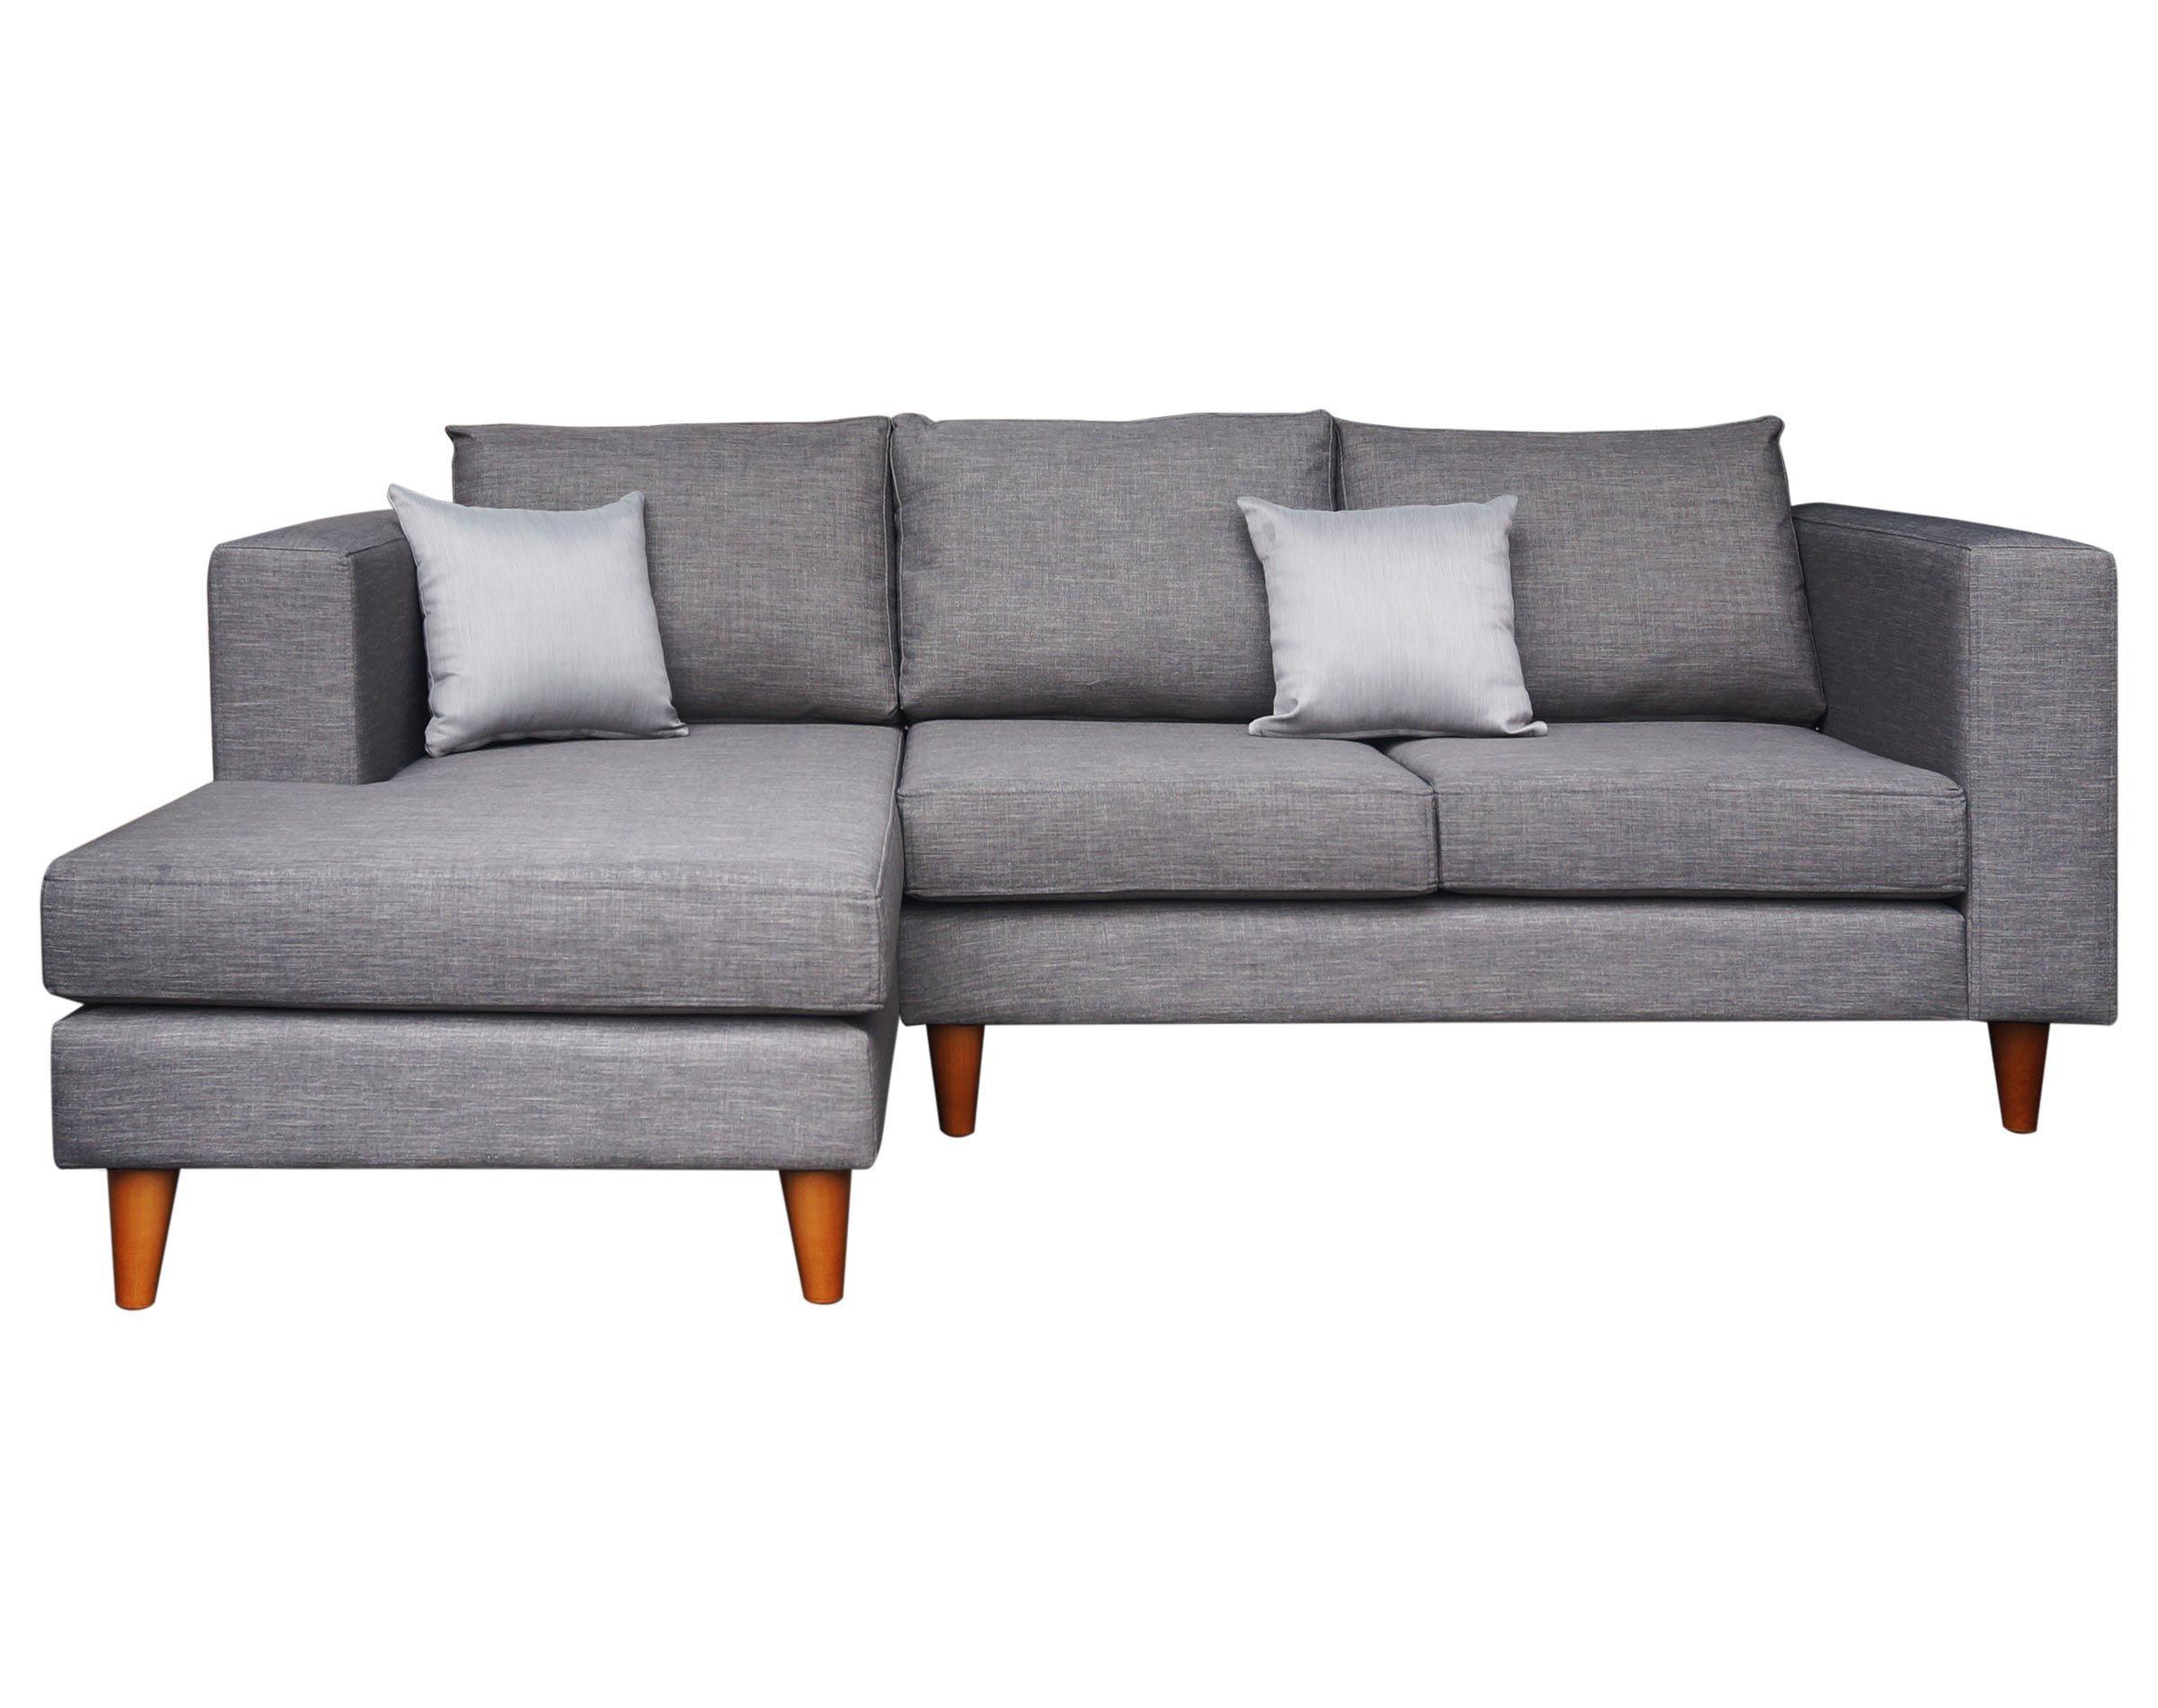 Sof seccional gris con patas c nicas livingstore cl for Sofa modular gris